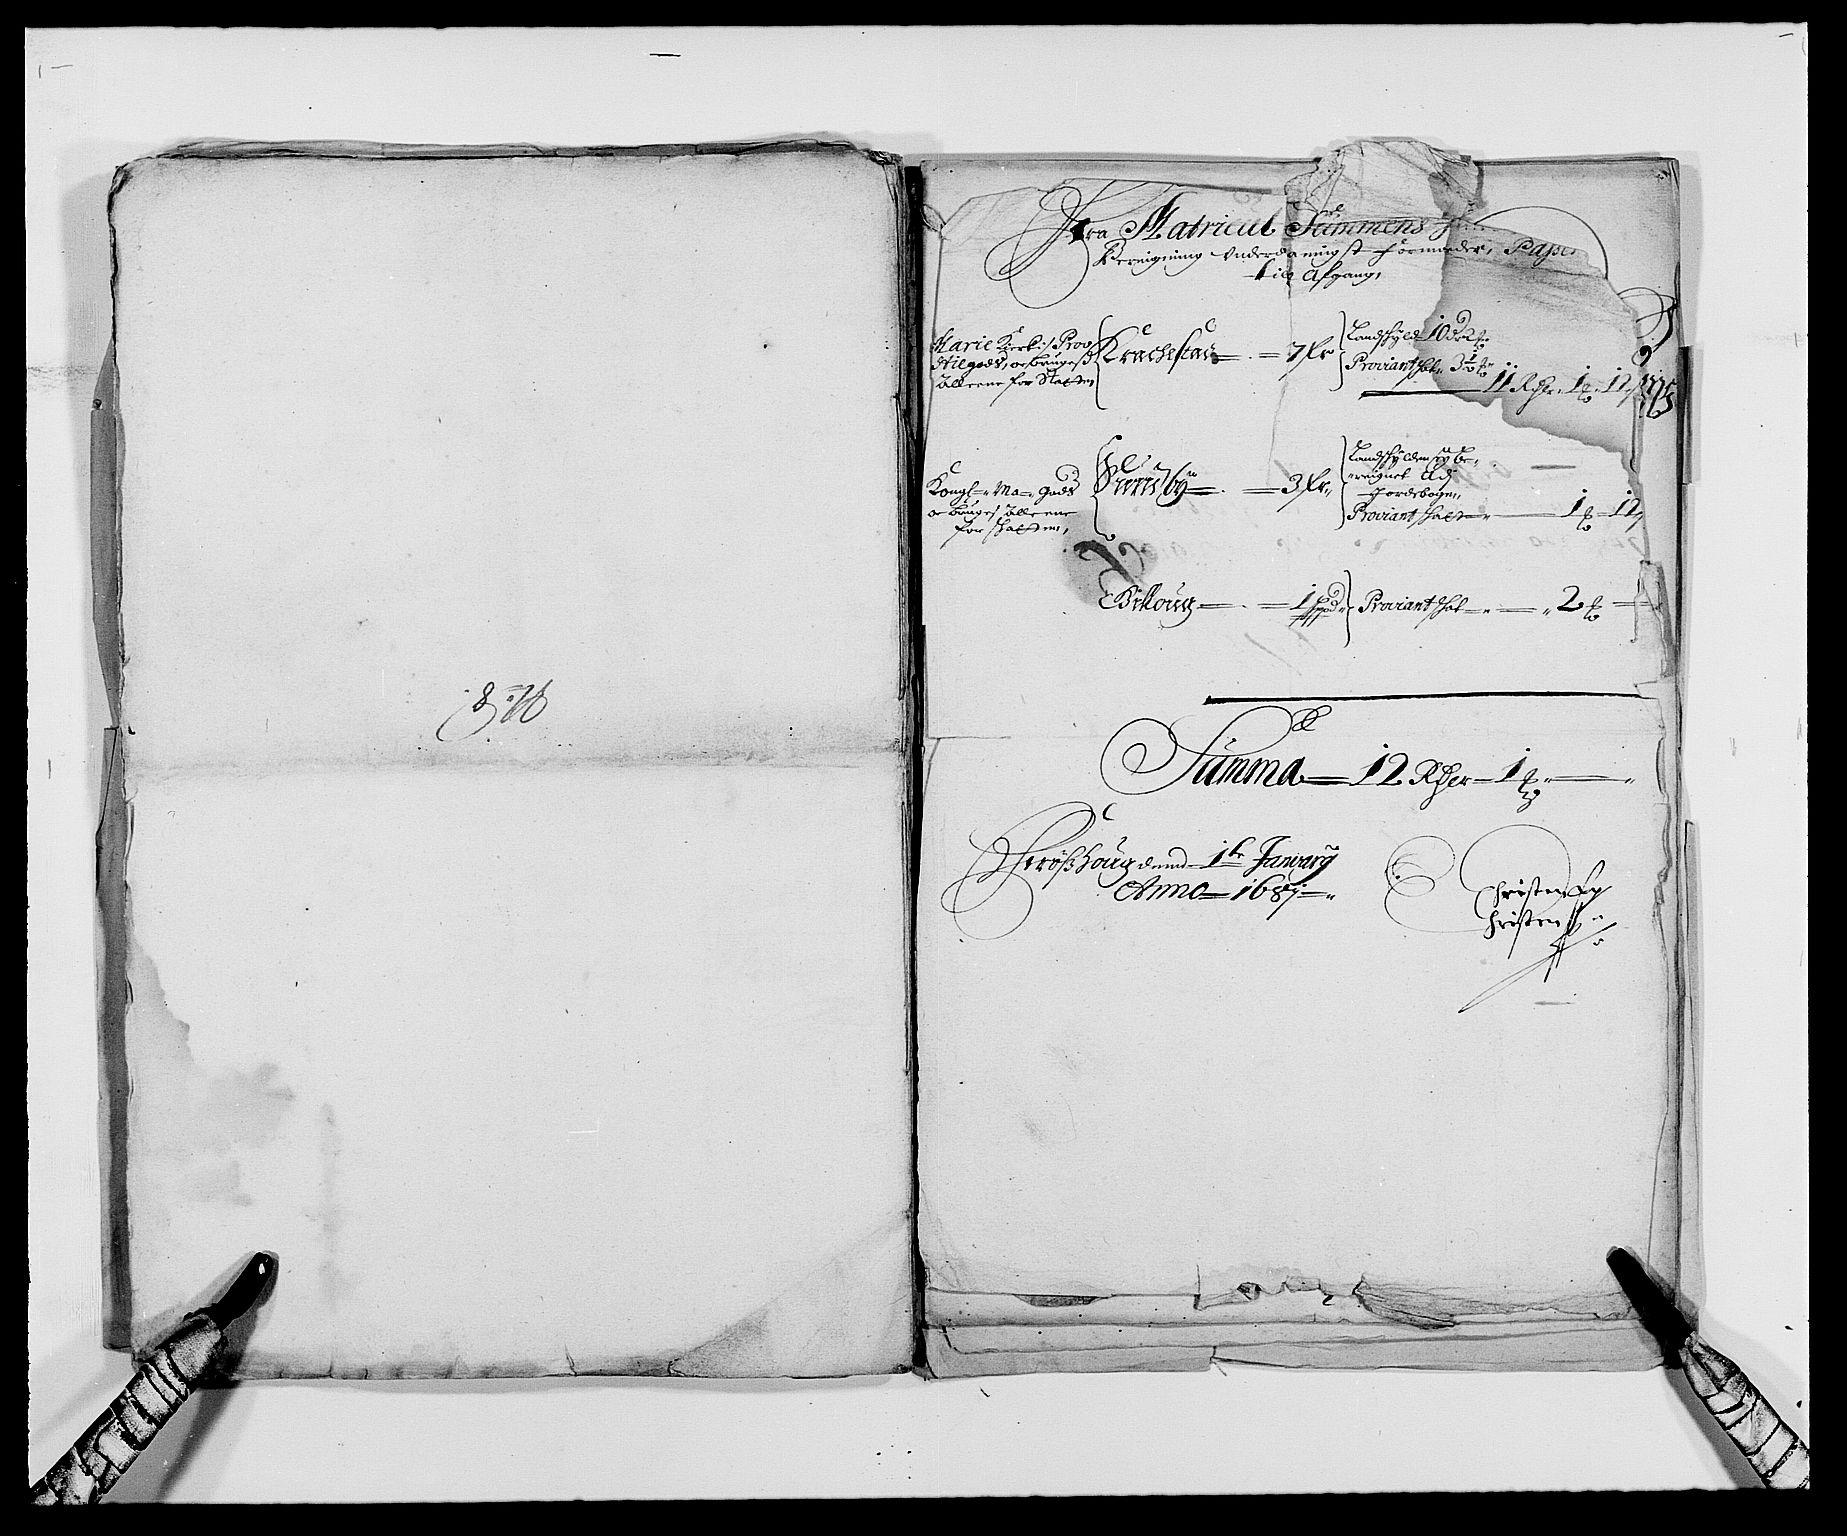 RA, Rentekammeret inntil 1814, Reviderte regnskaper, Fogderegnskap, R21/L1444: Fogderegnskap Ringerike og Hallingdal, 1680-1681, s. 141